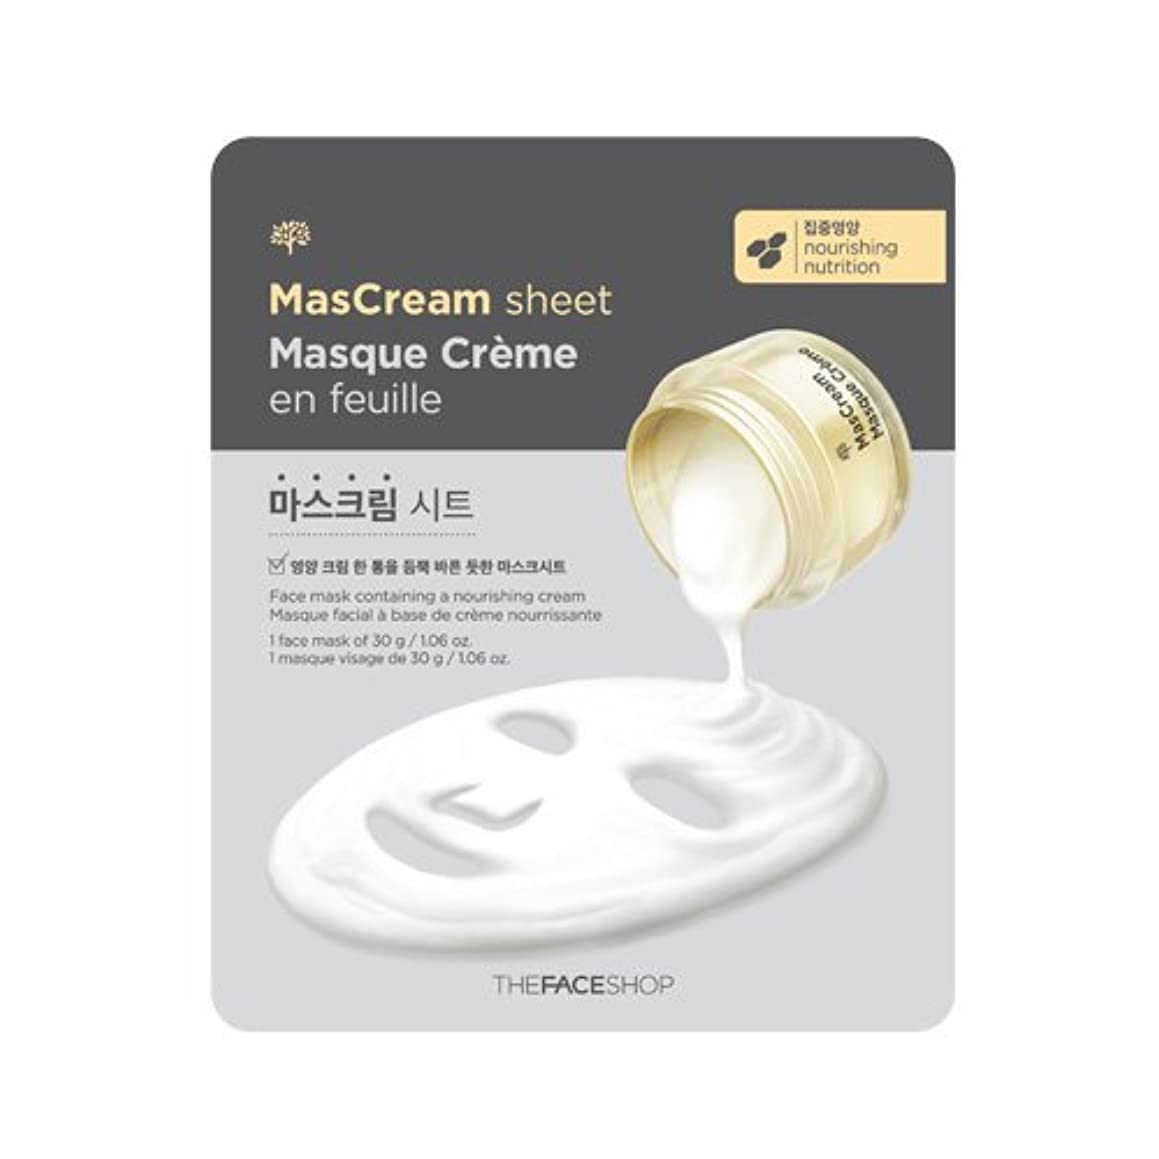 ヒープ送信するキャプチャーザフェイスショップ [THE FACE SHOP] MASCREAM SHEET x 2sheets マスクリームパック 2枚 (栄養 / NOURISHING) [並行輸入品]